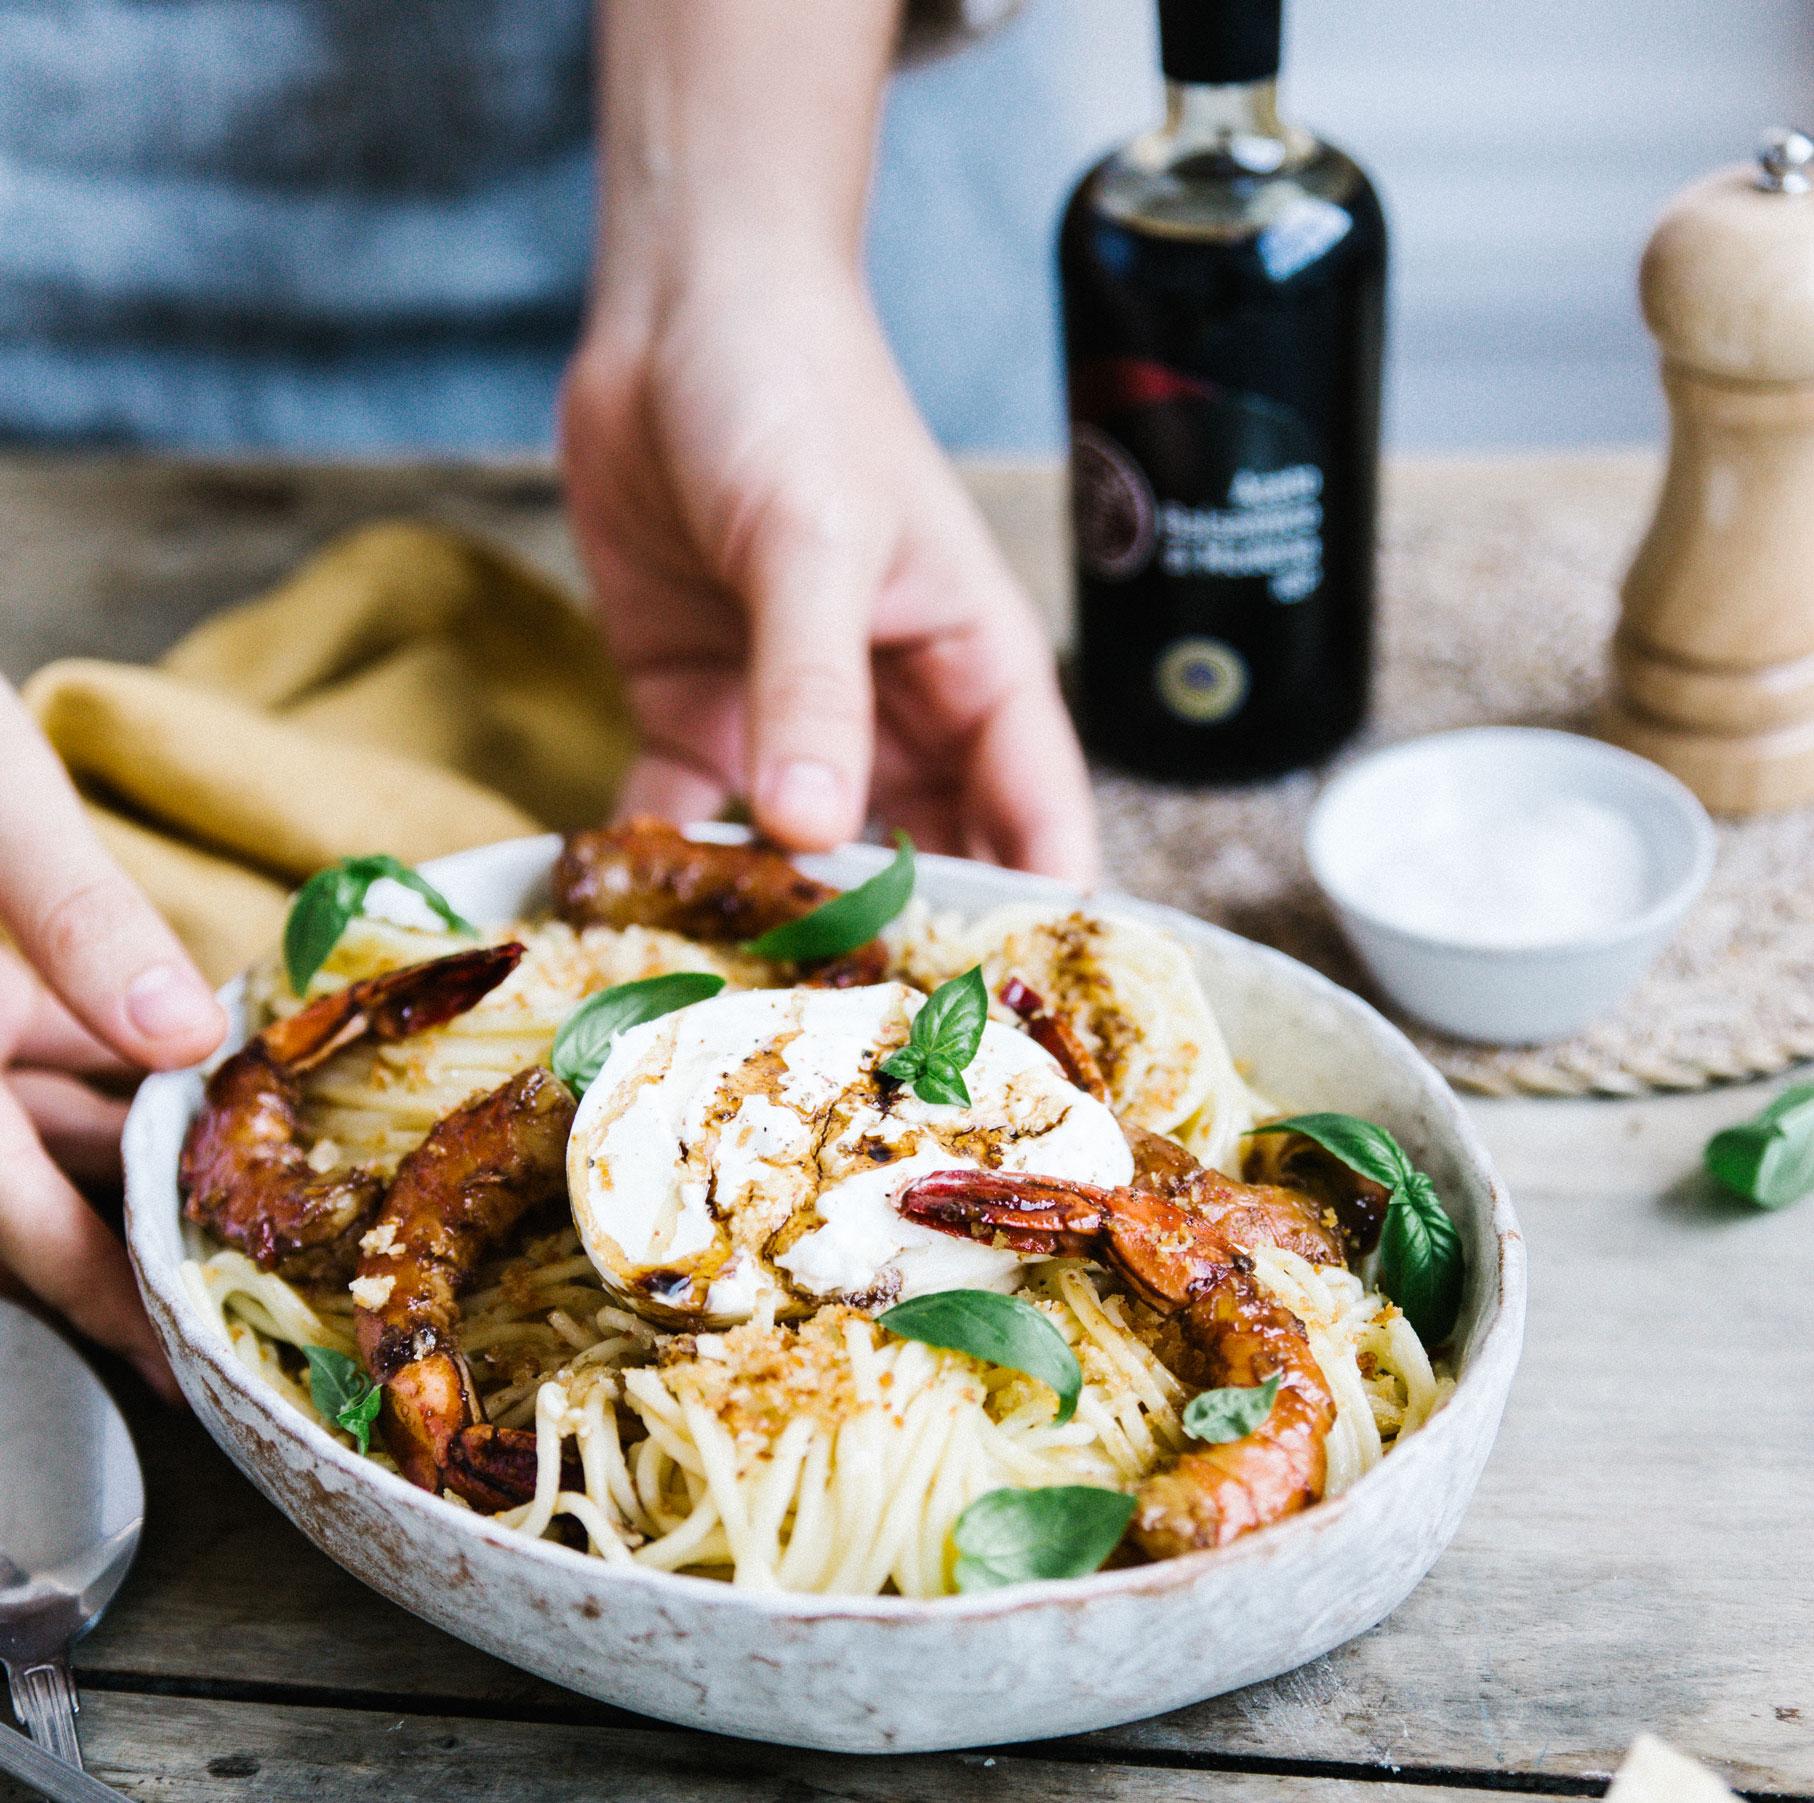 Recette-spaghetti-site-web-2